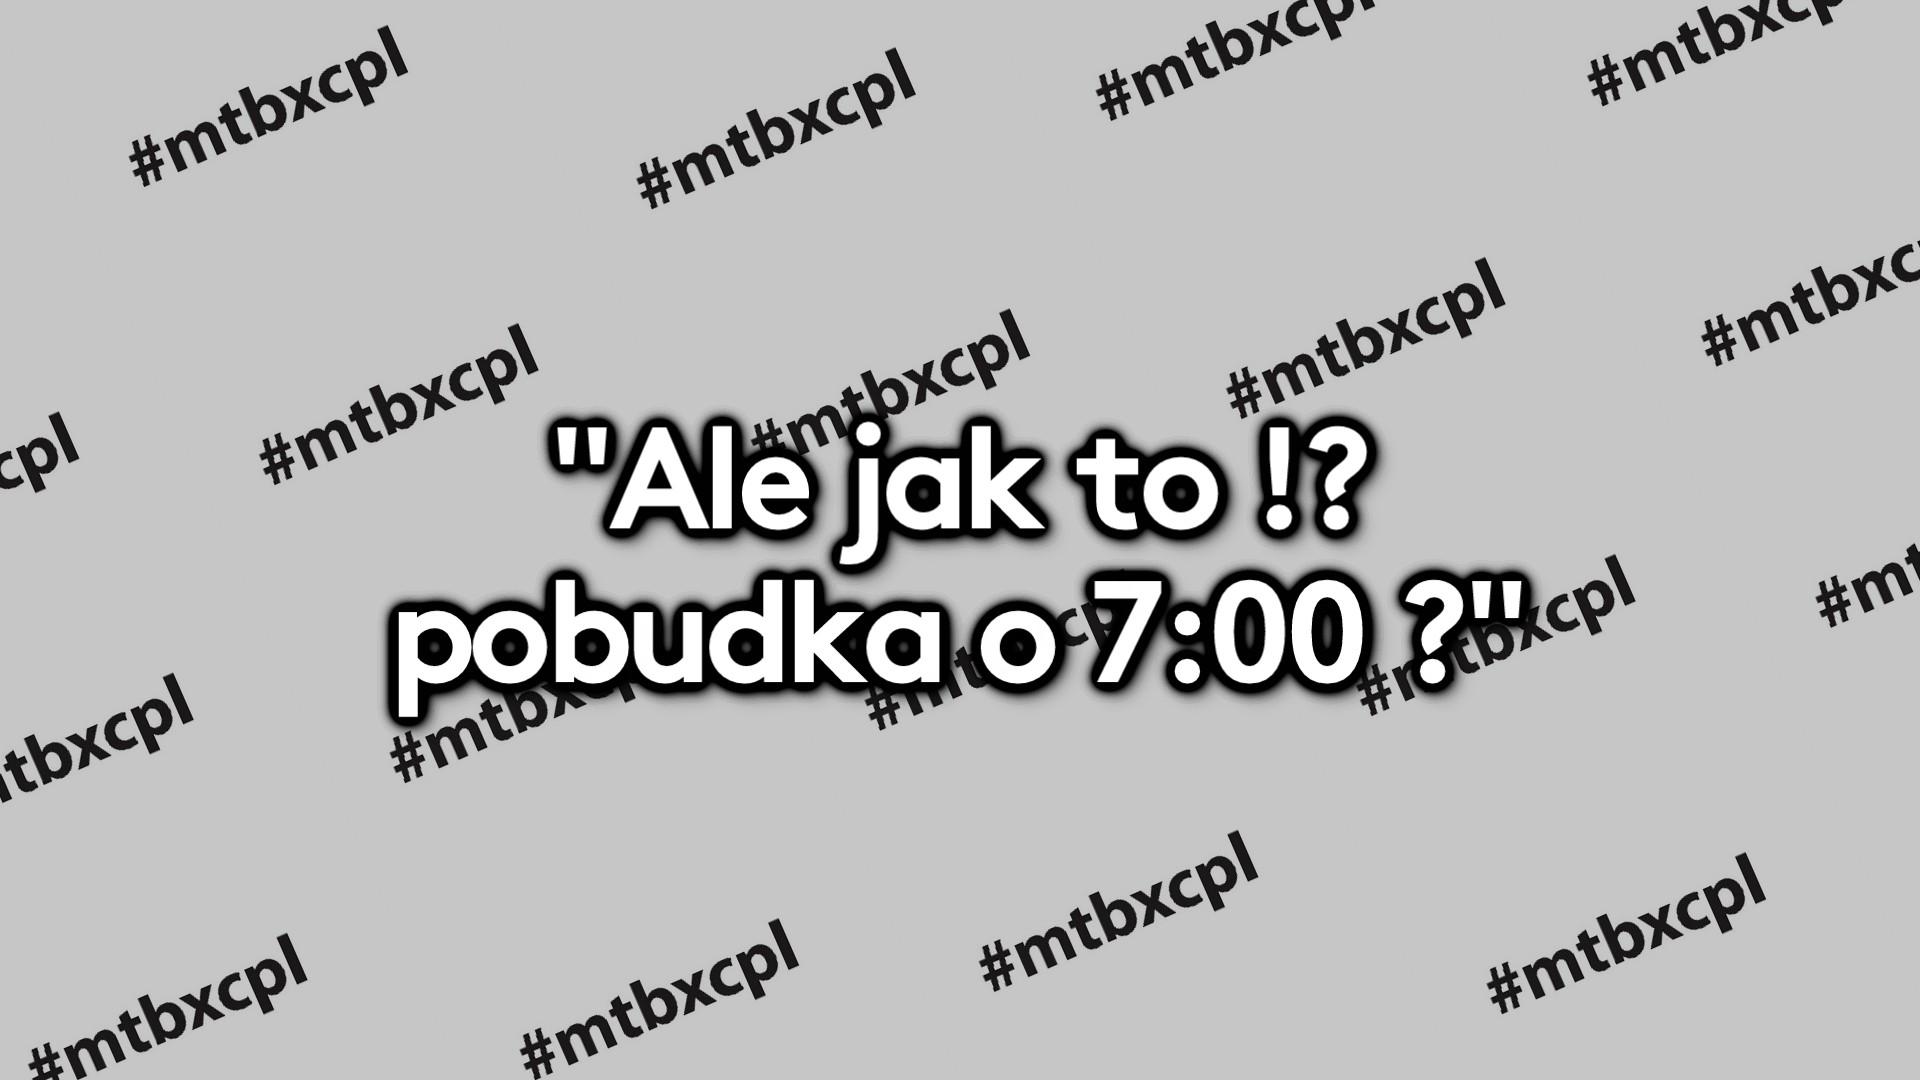 tekst mtbxcpl_000000